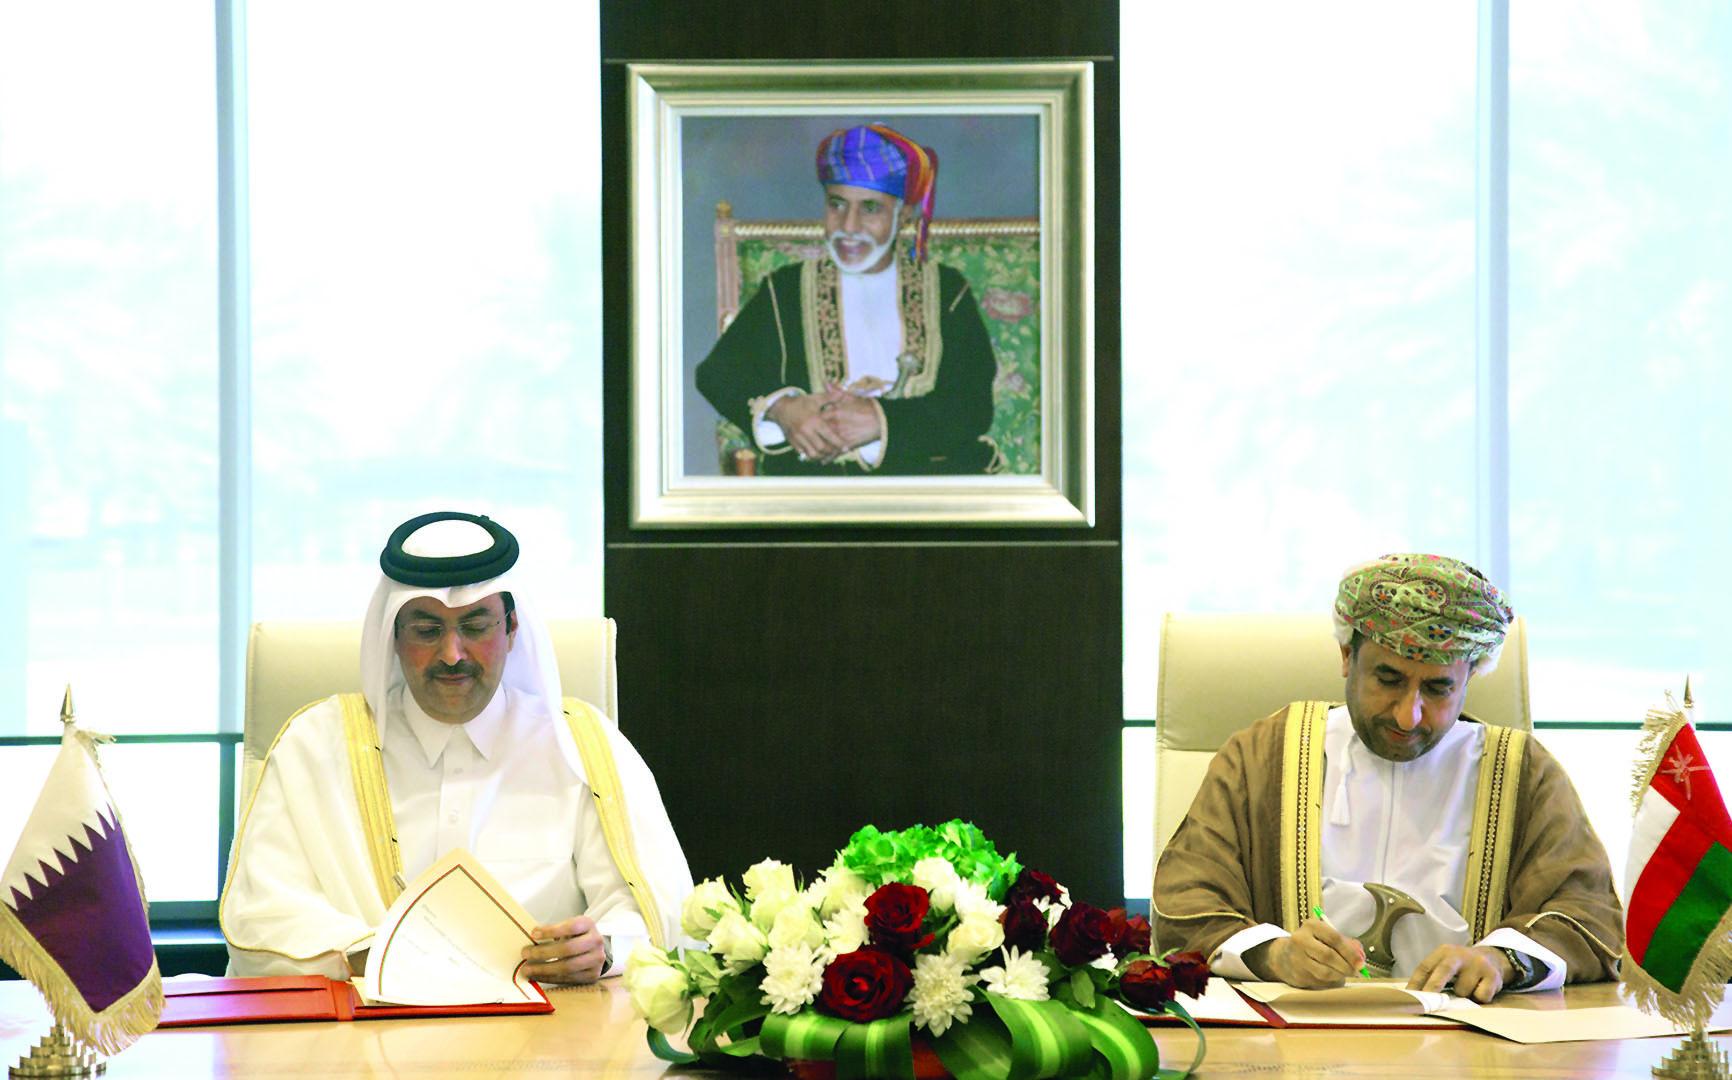 السلطنــة وقطــر توقعان تعديلات اتفاقية النقل الجوي